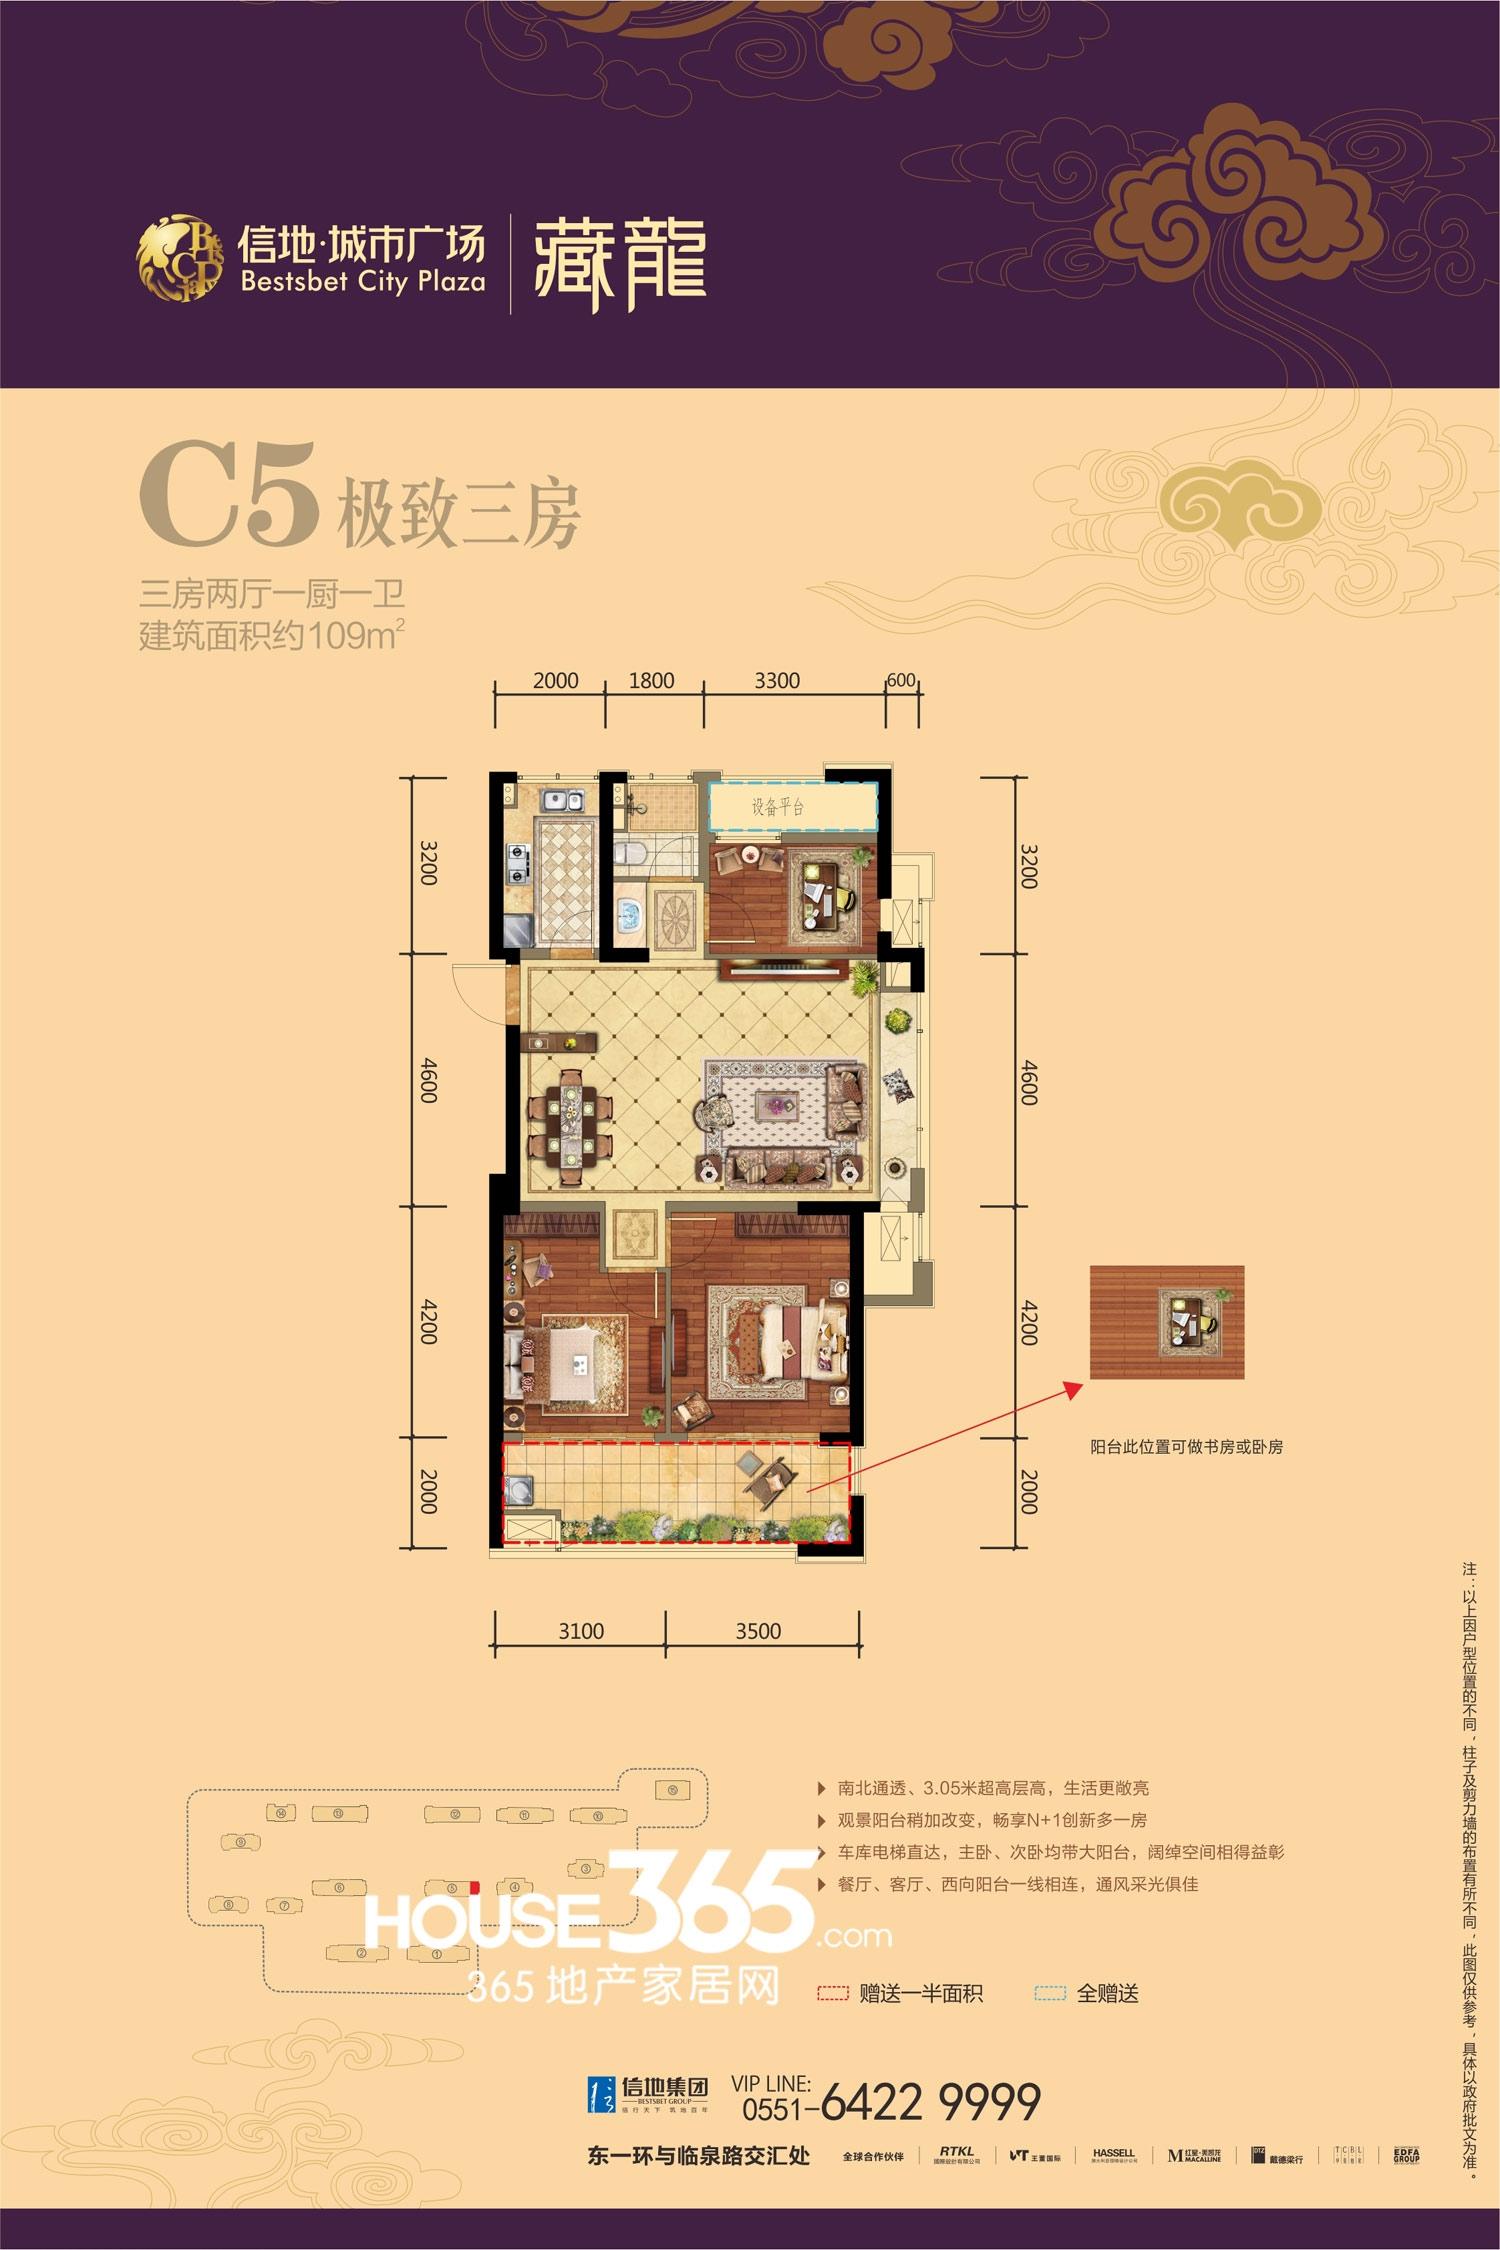 信地城市广场户型图